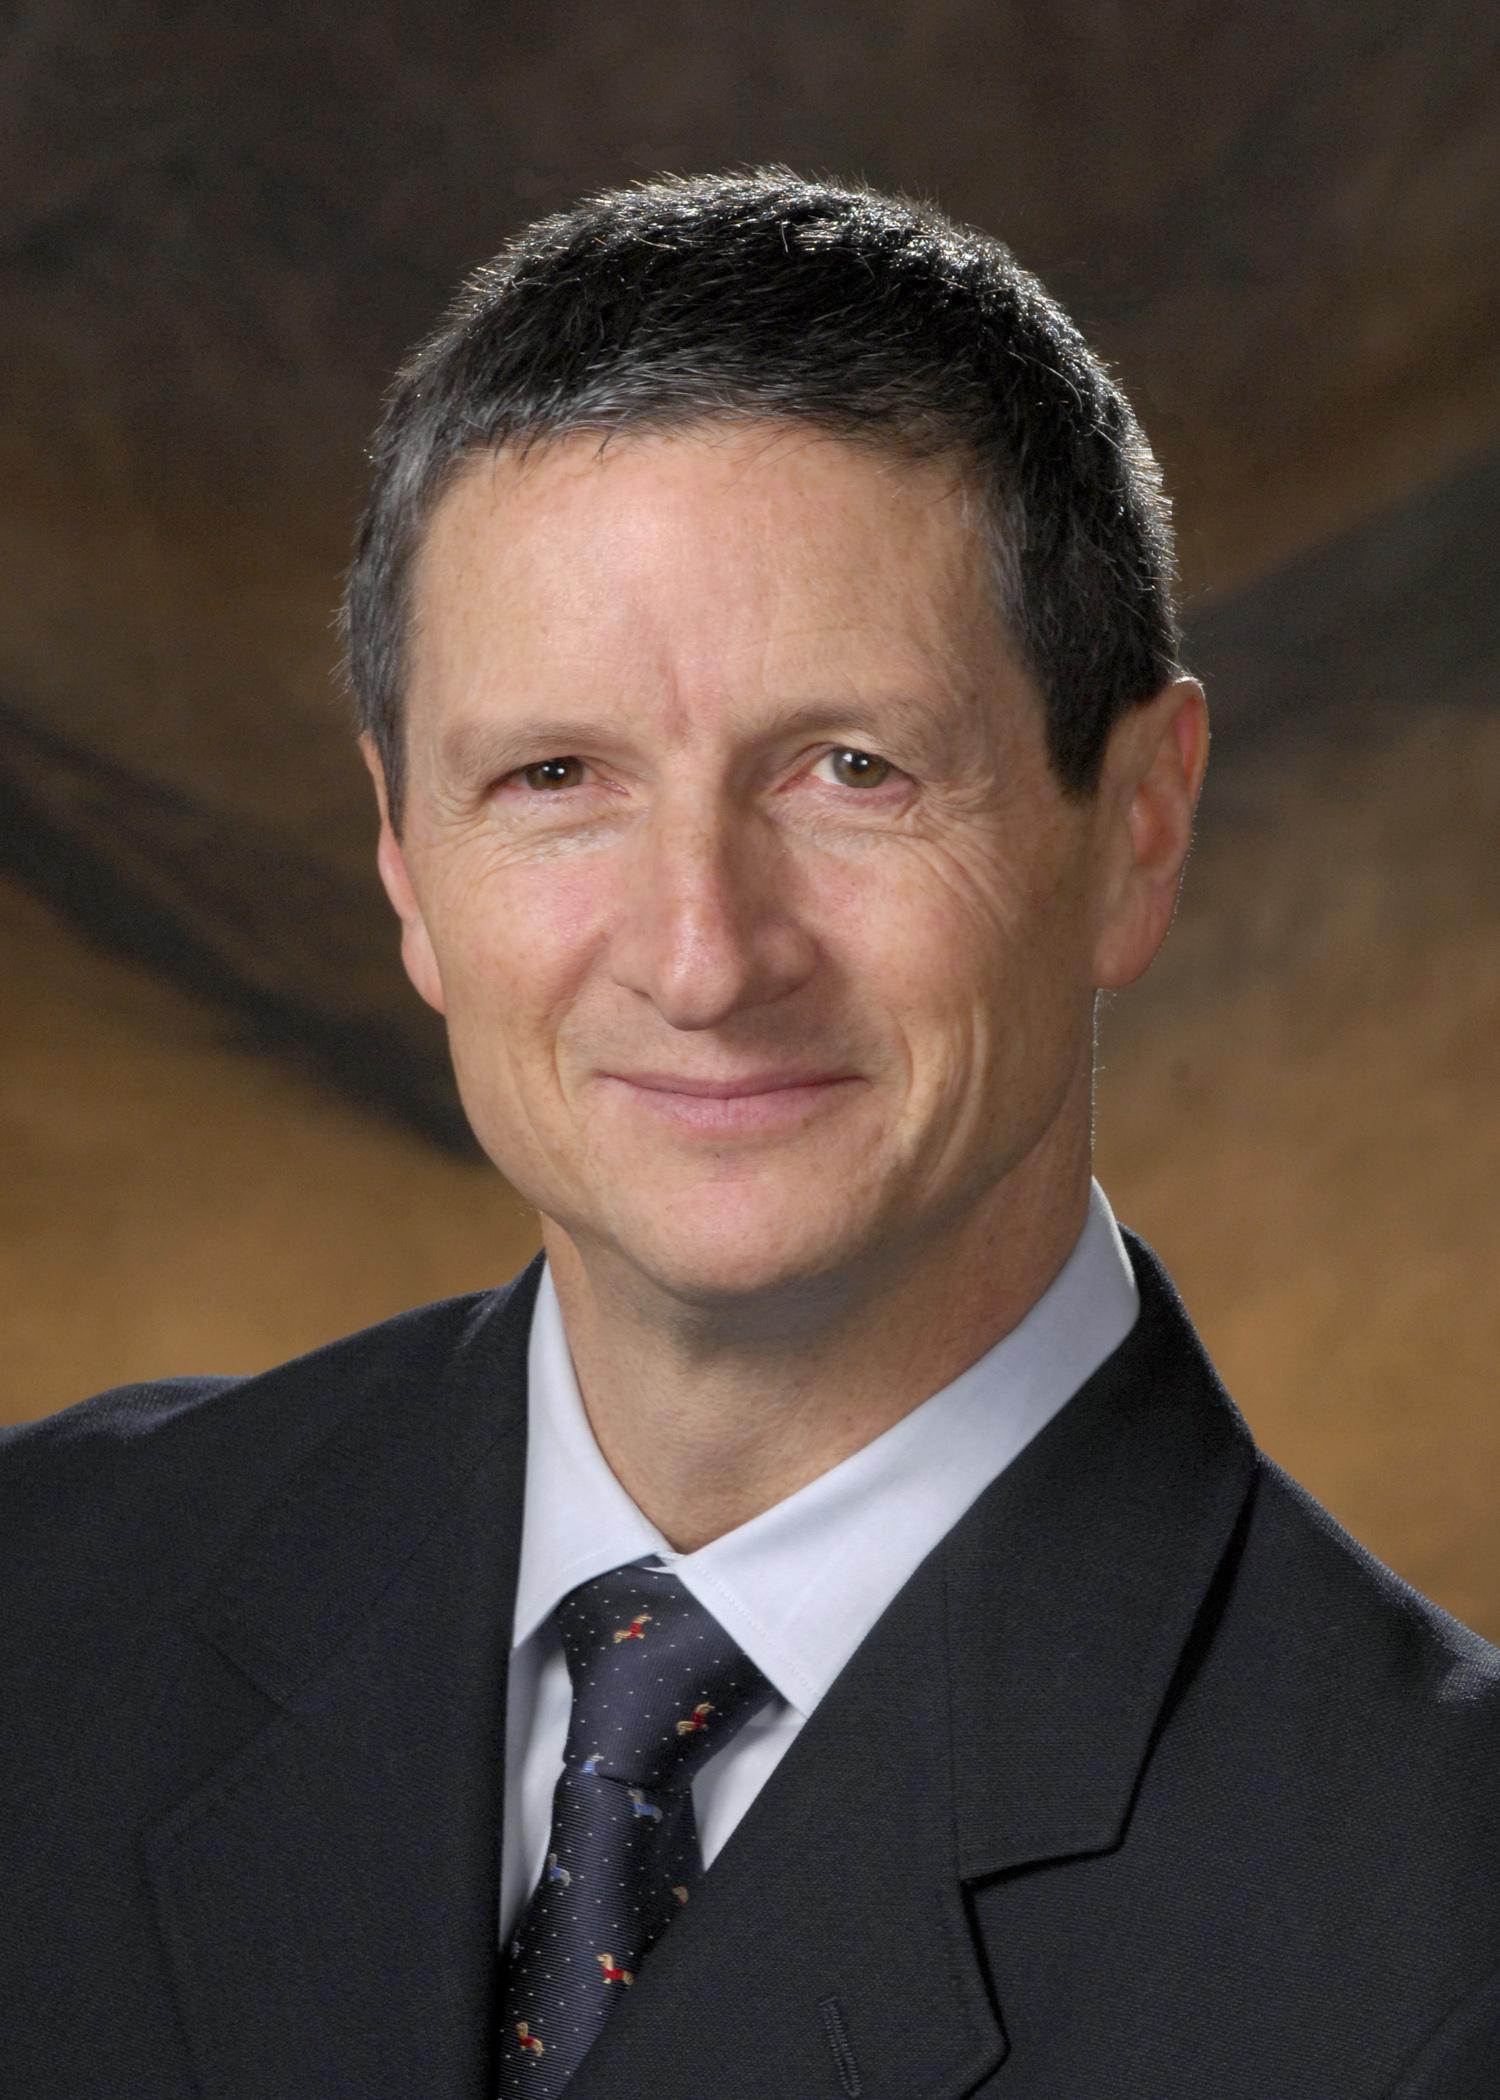 Dr William Hozack